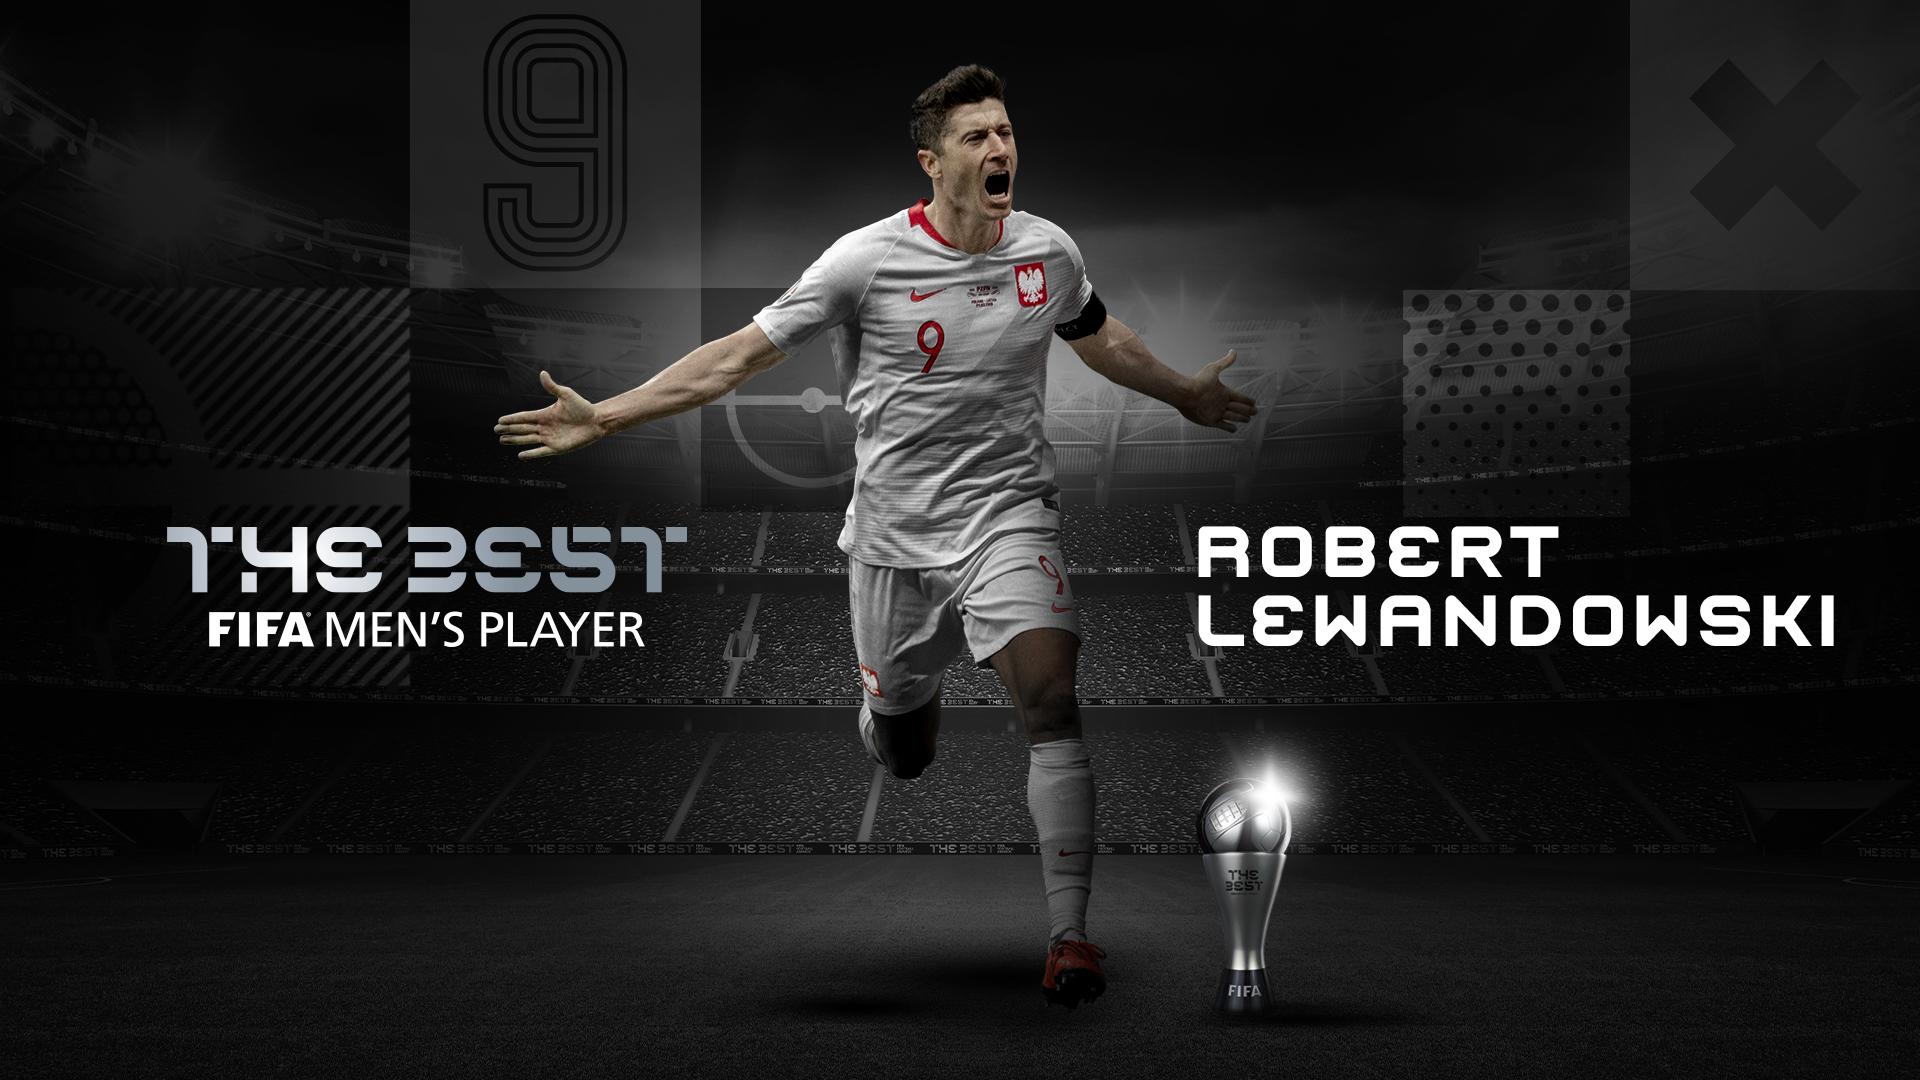 Premio The Best al jugador de la FIFA